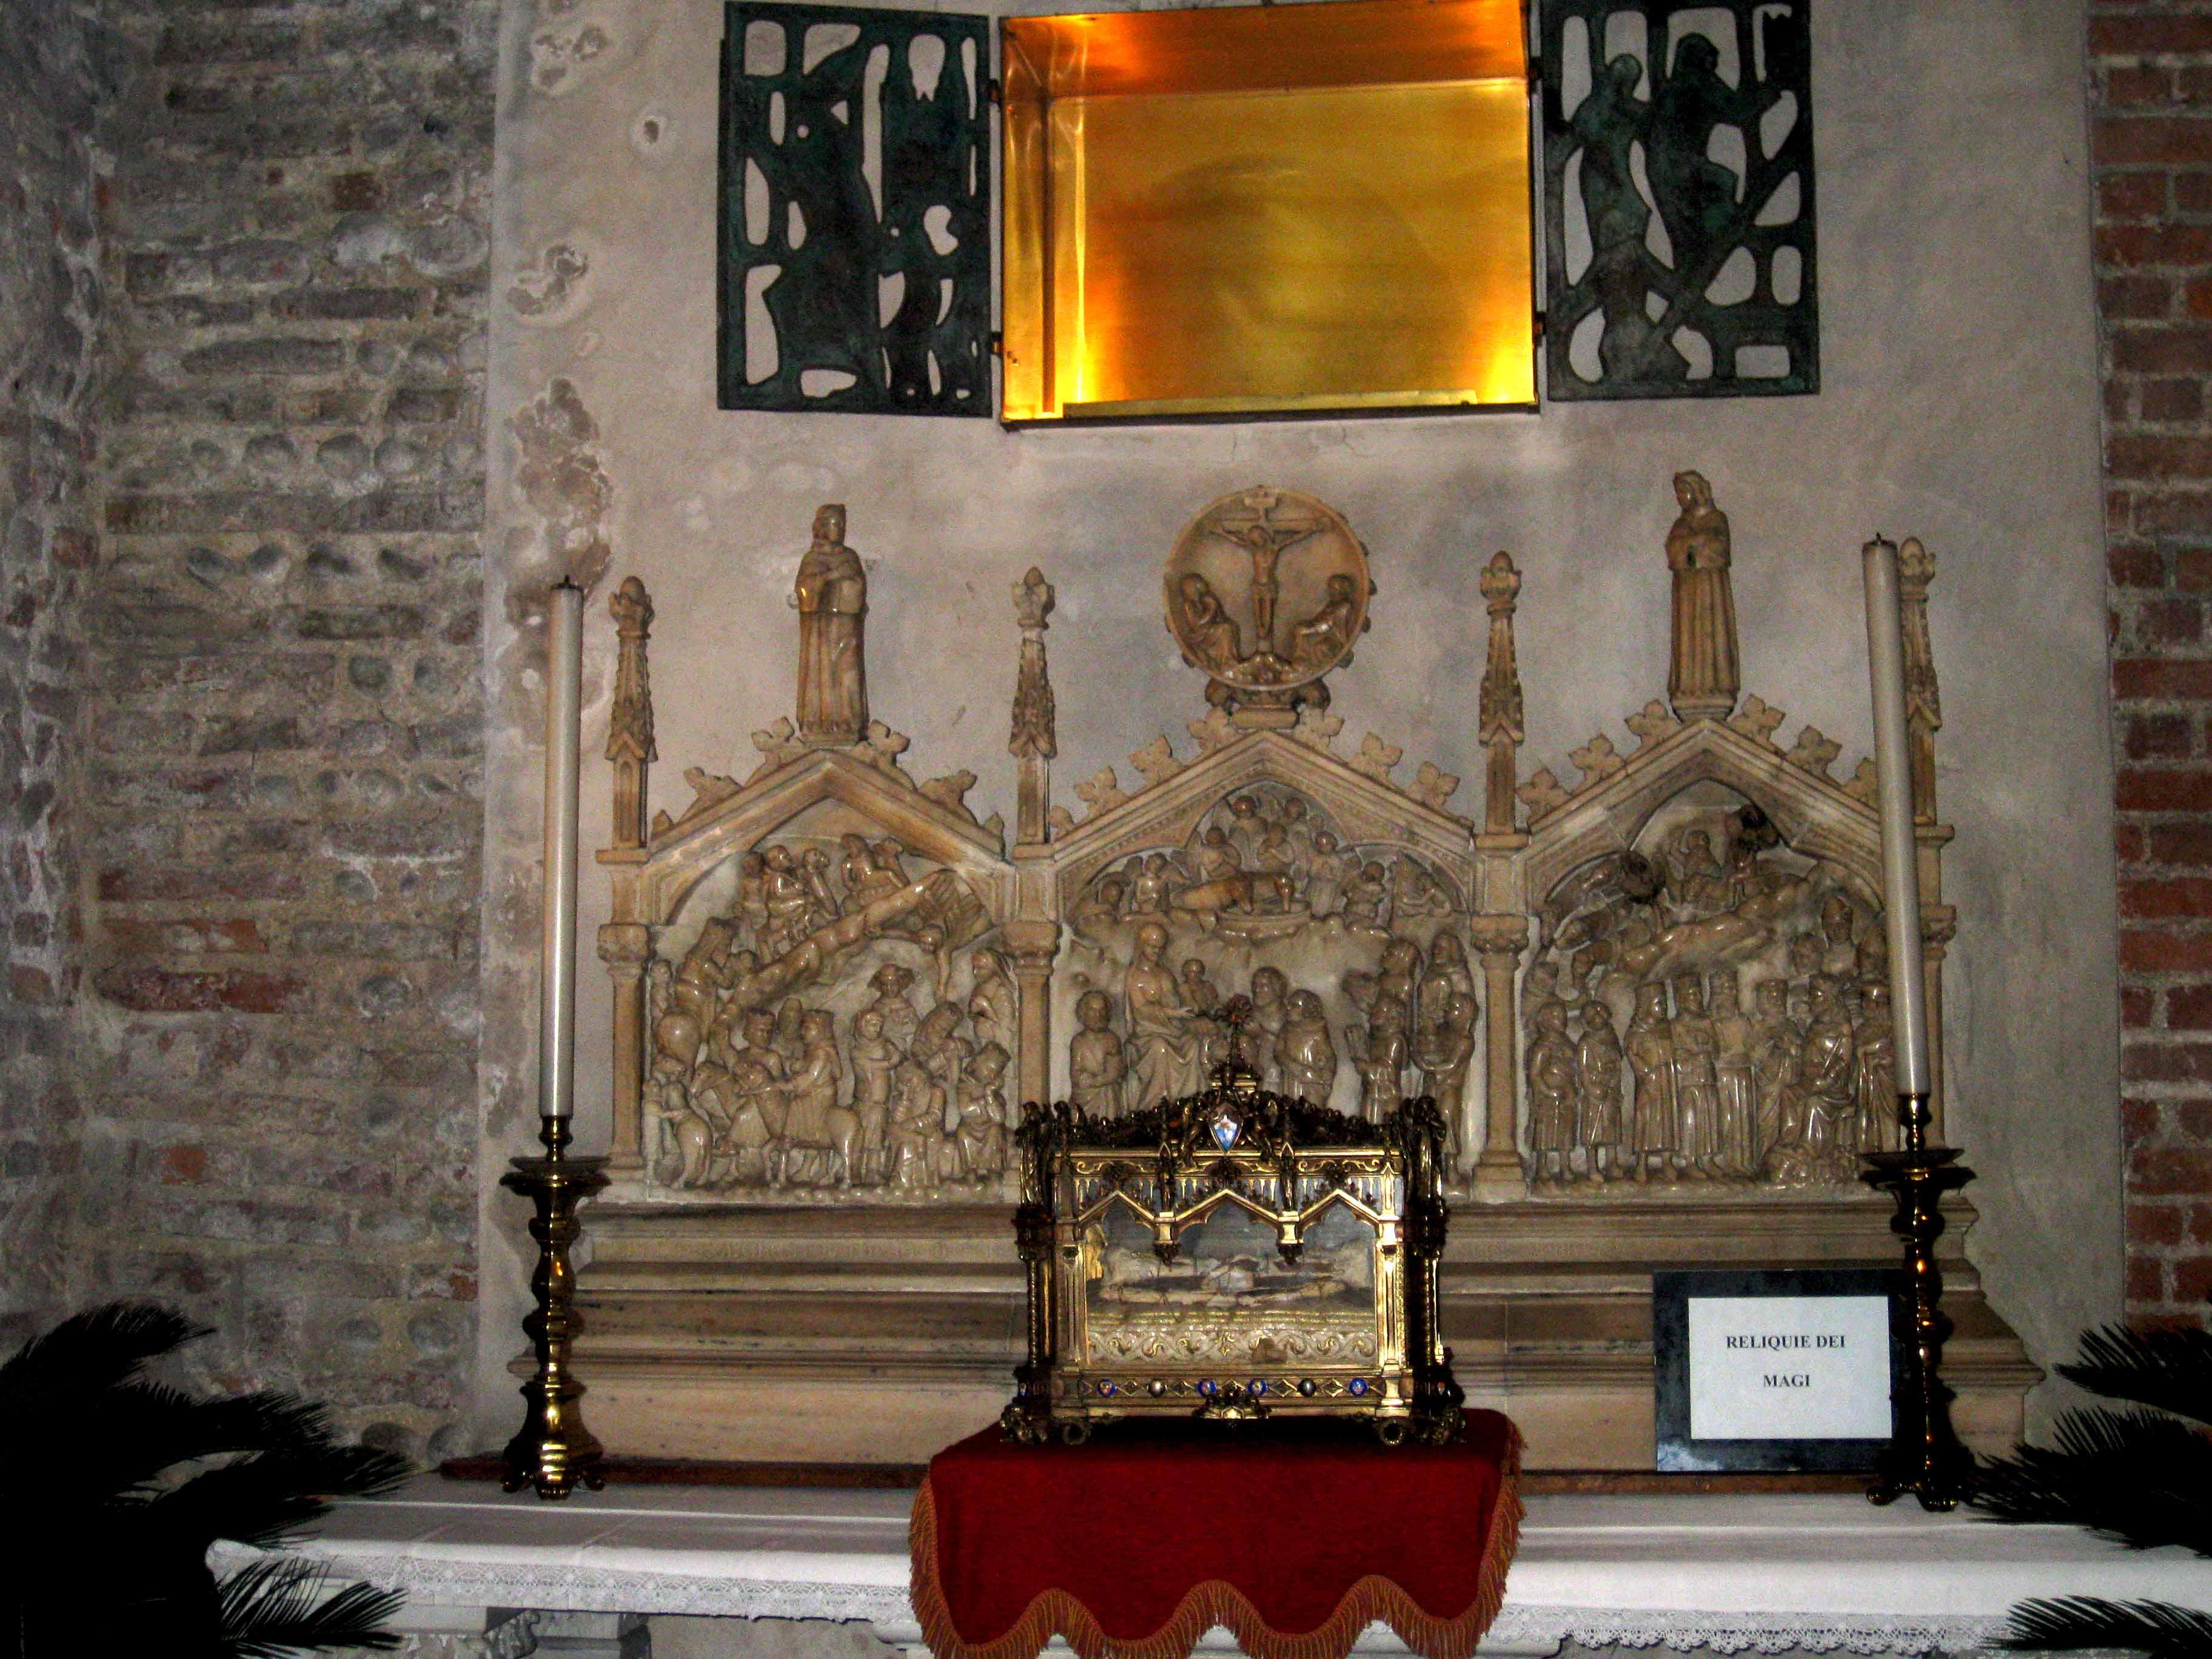 Teca contenente le Reliquie dei reMagi, esposta davanti all'Ancona che narra il loro viaggio